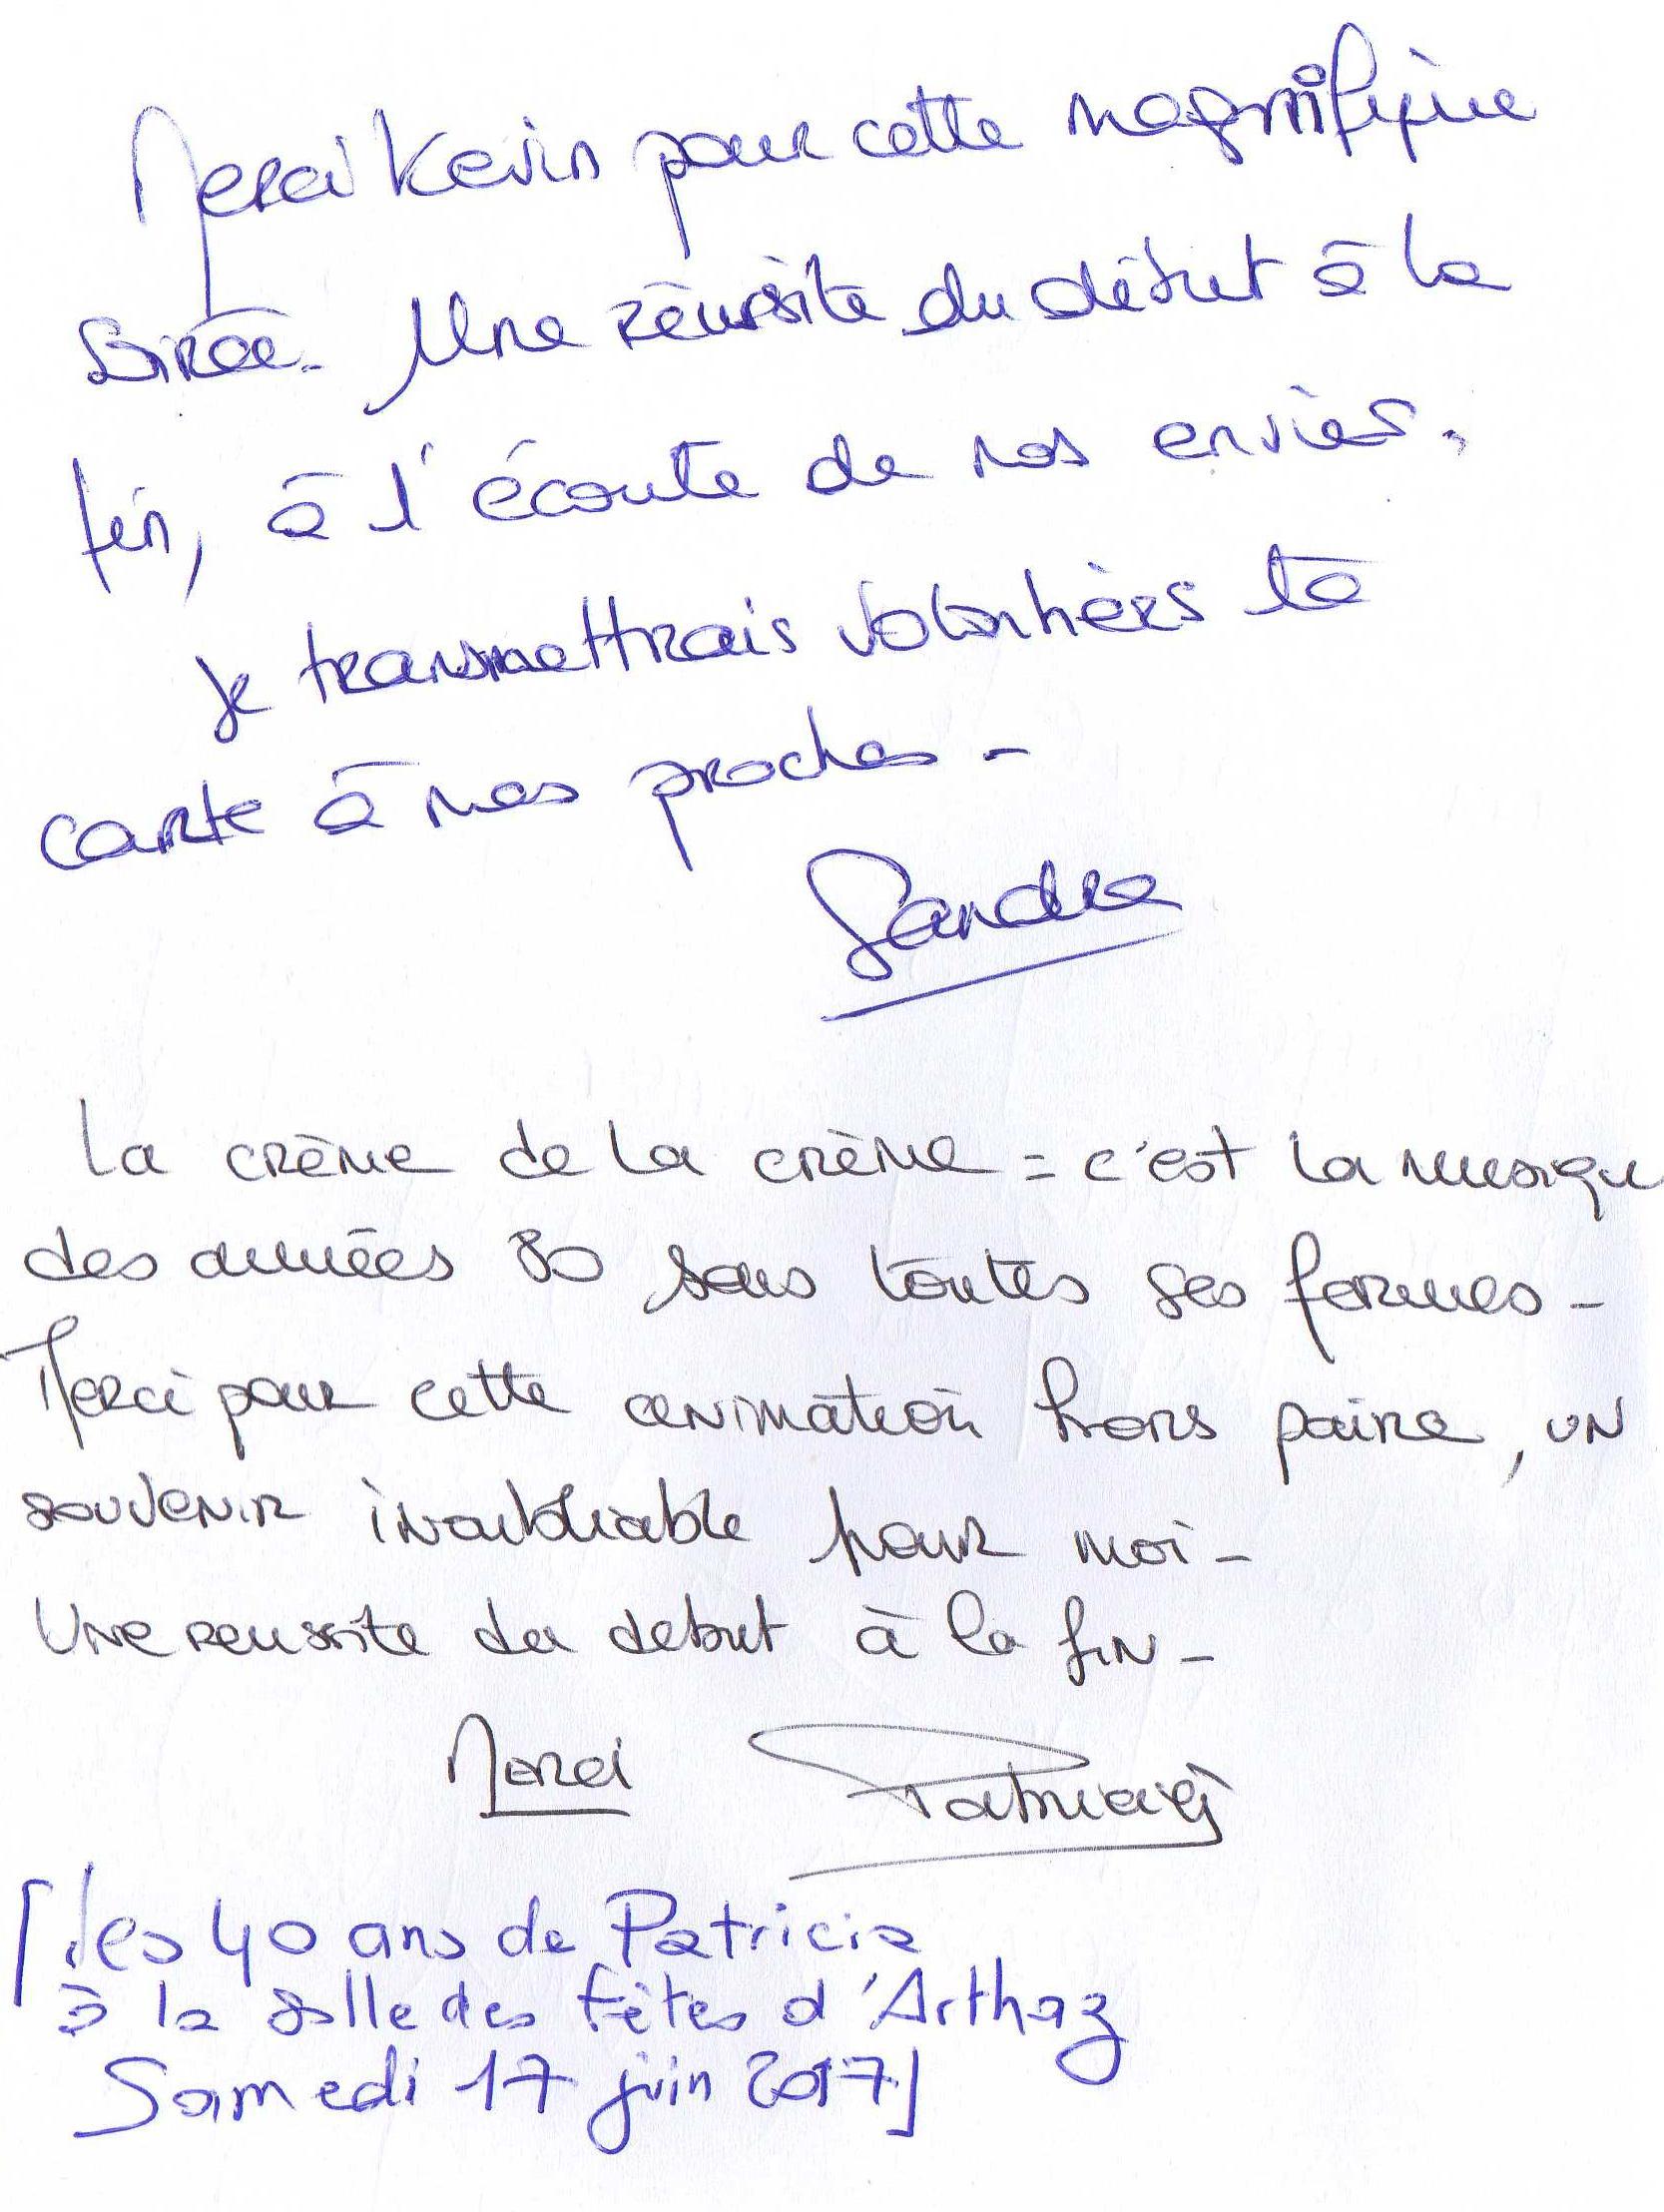 Les_40_Ans_de_PATRICIA_à_la_Salle_des_fêtes_d'_ARTHAZ_Samedi_17_Juin_2017